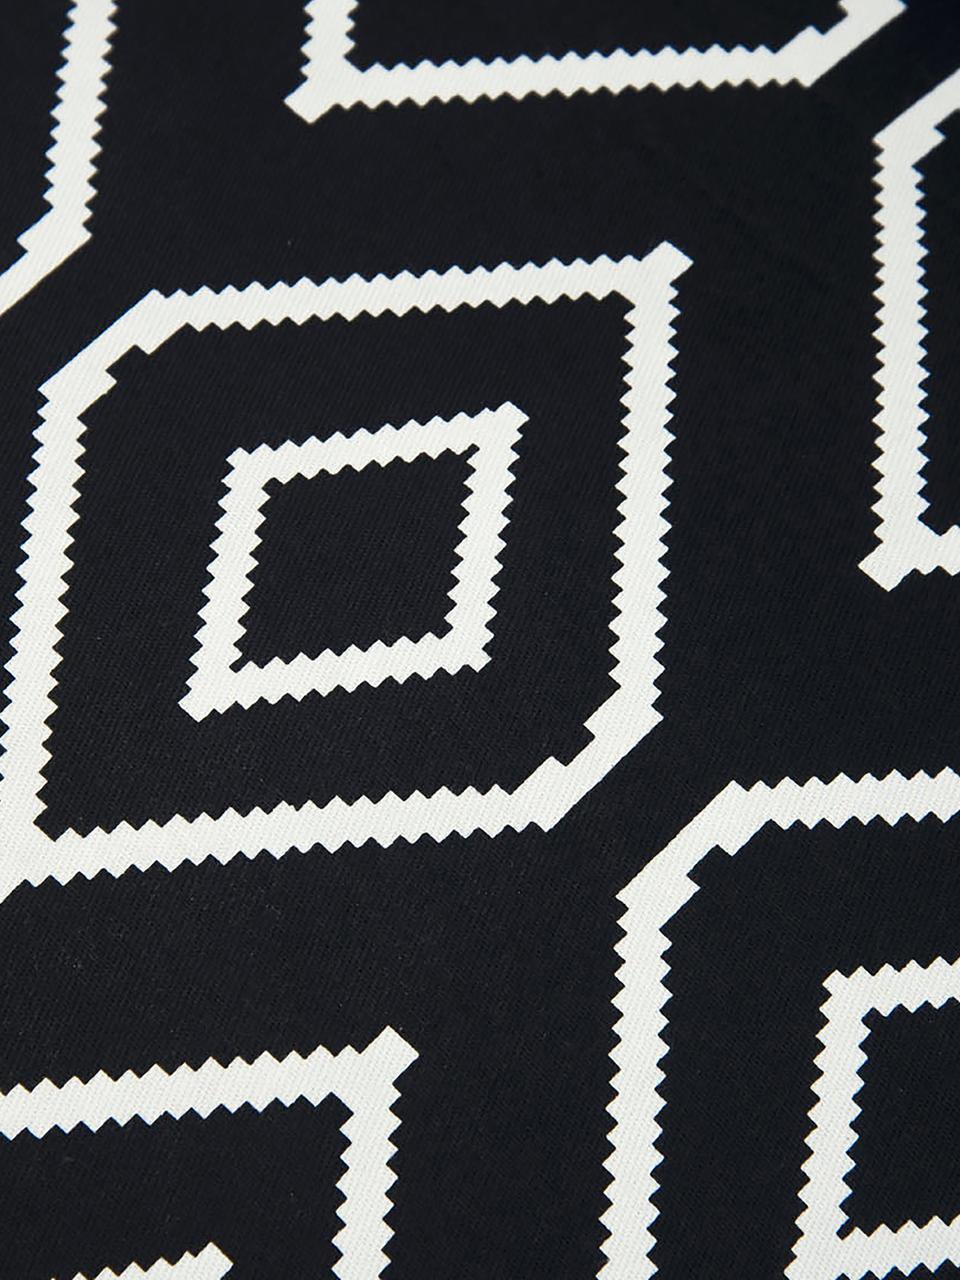 Kissenhülle Gracie in Schwarz/Weiß mit Rautenmuster, 100% Baumwolle, Panamabindung, Schwarz, Creme, 40 x 40 cm